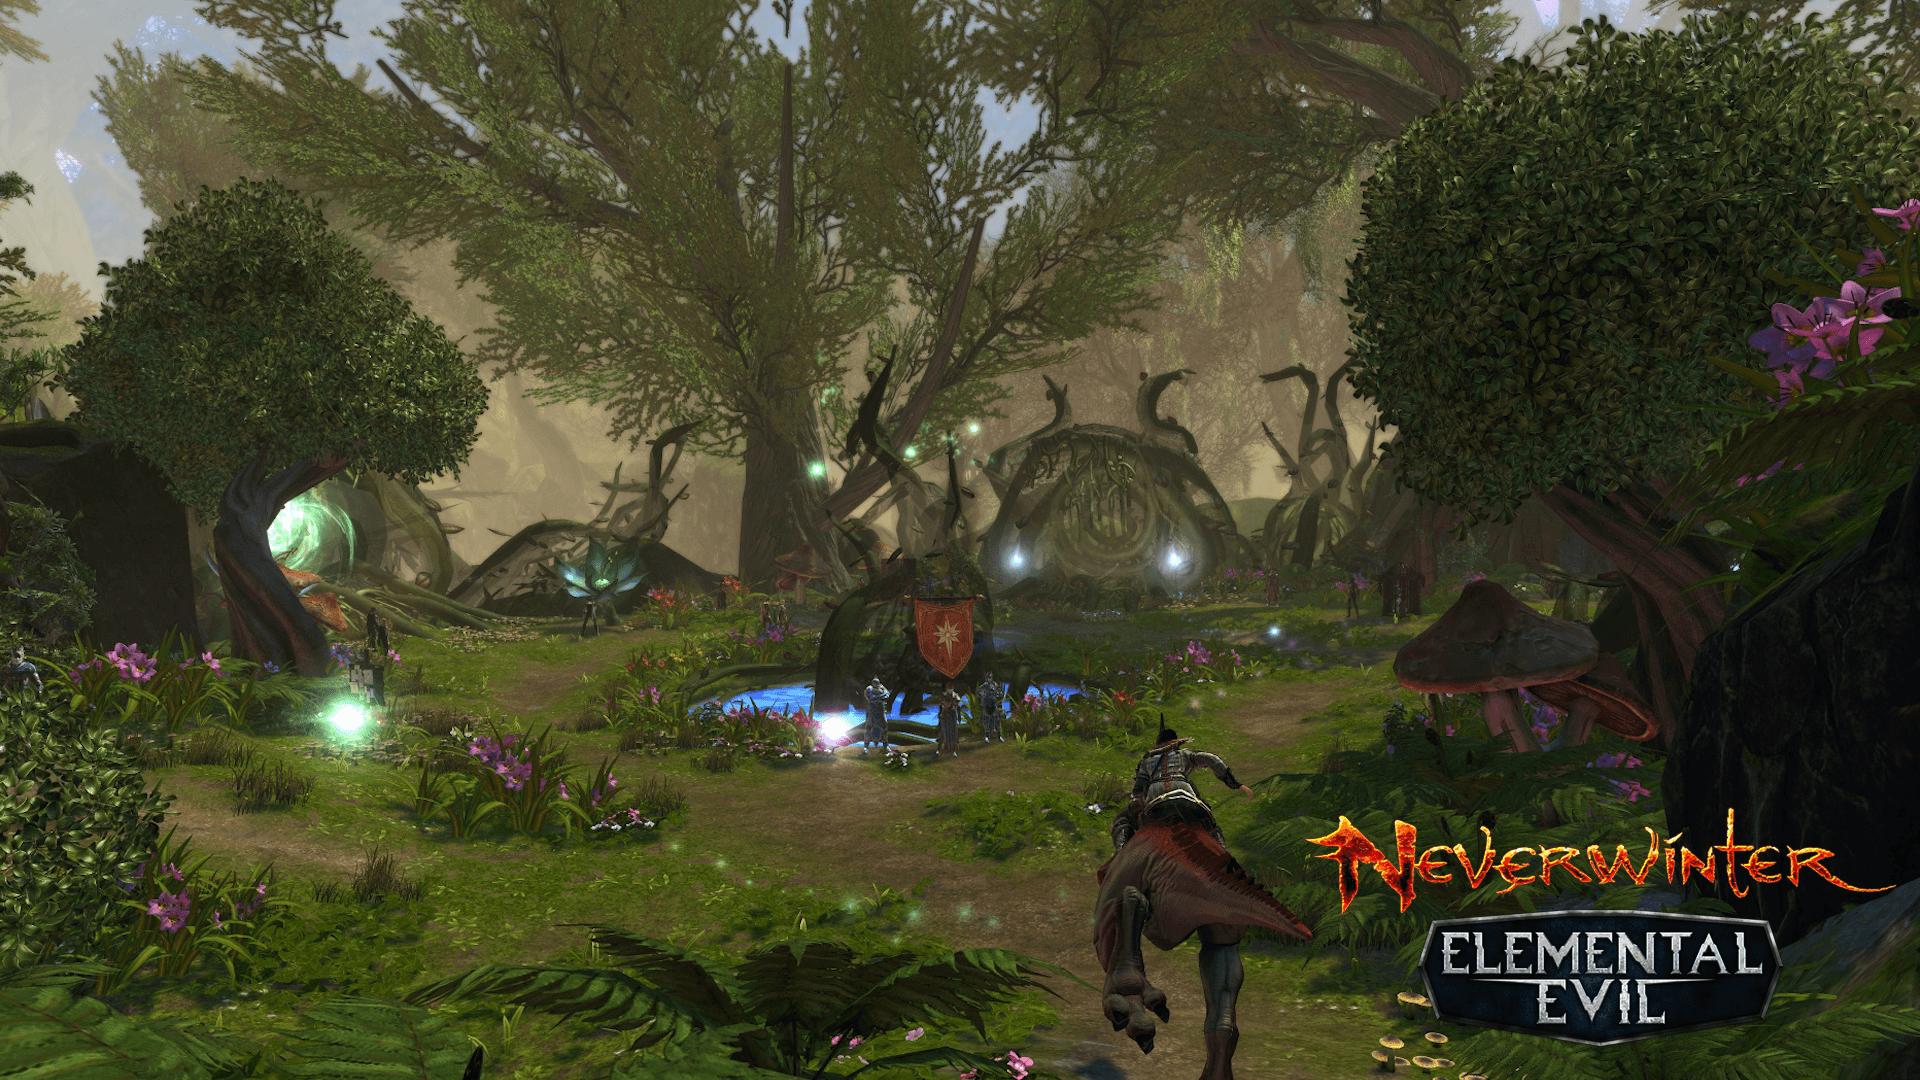 Neverwinter auf der Xbox One: Neue Klasse, neues Höchst-Level, 4 neue Endgame-Kampagnen